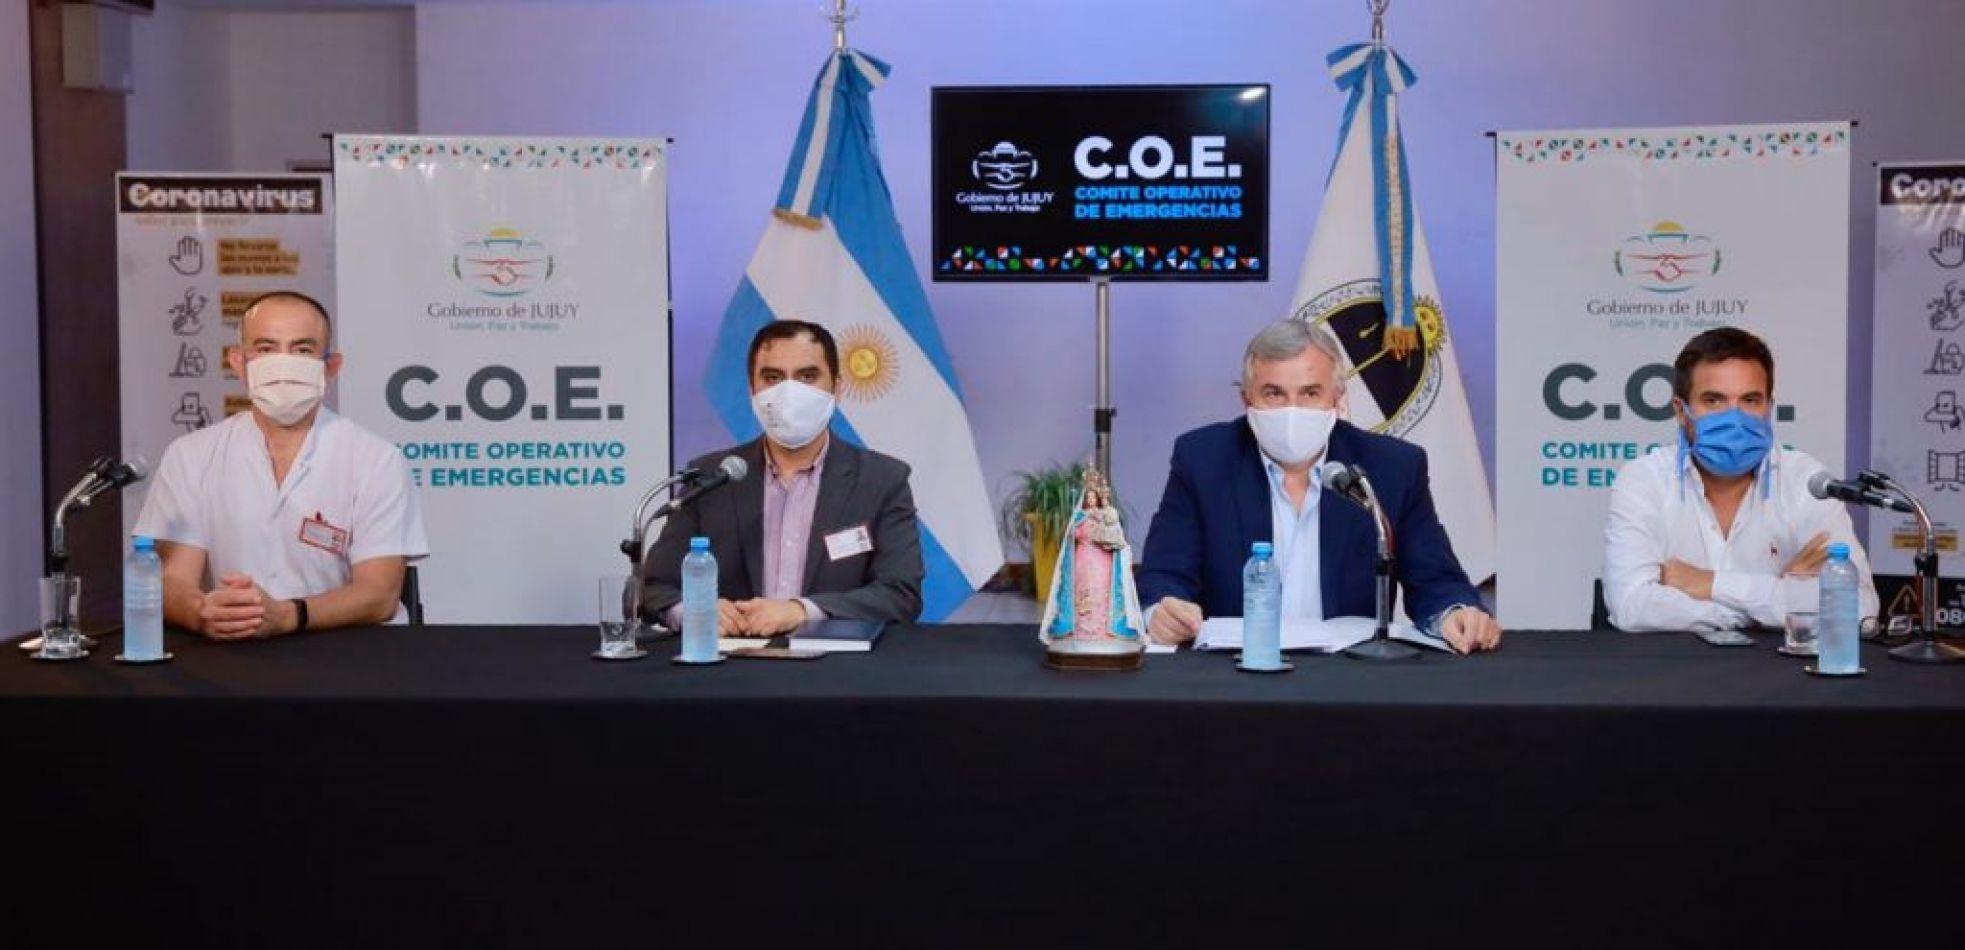 Morales multó con 80 mil pesos a su funcionario del COE